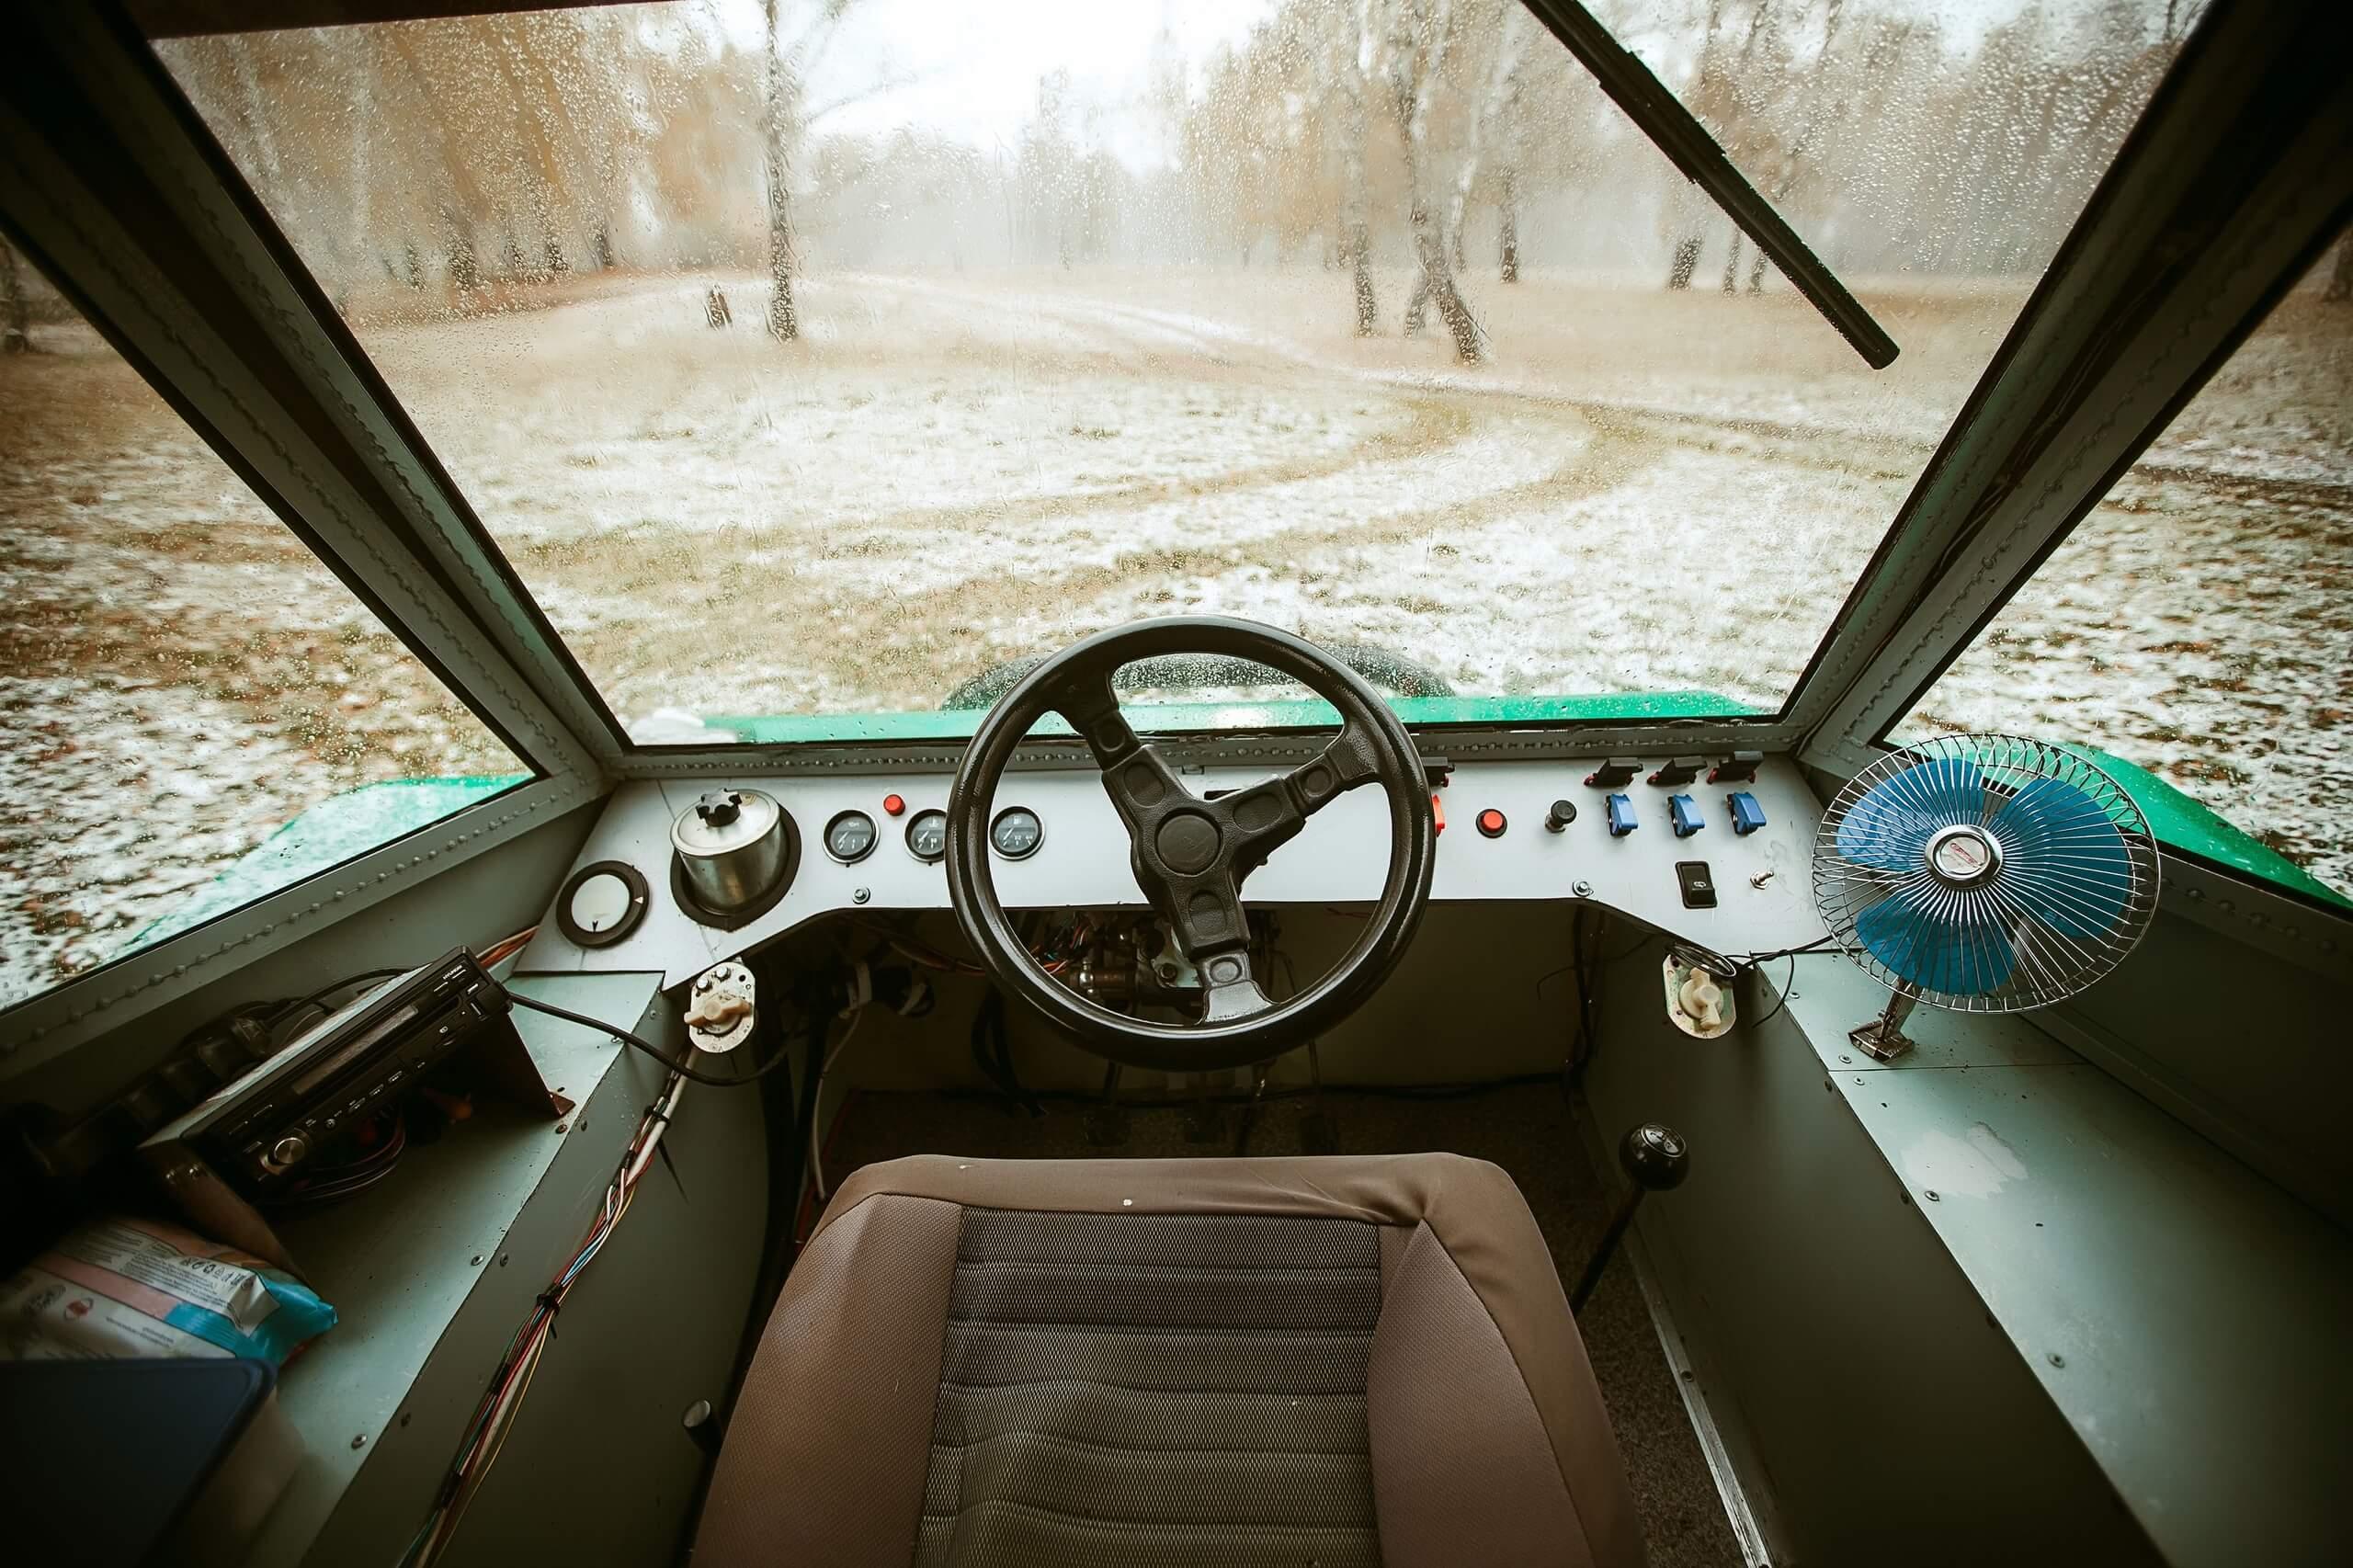 Место водителя схоже с автомобильным, но сиденье установлено посередине